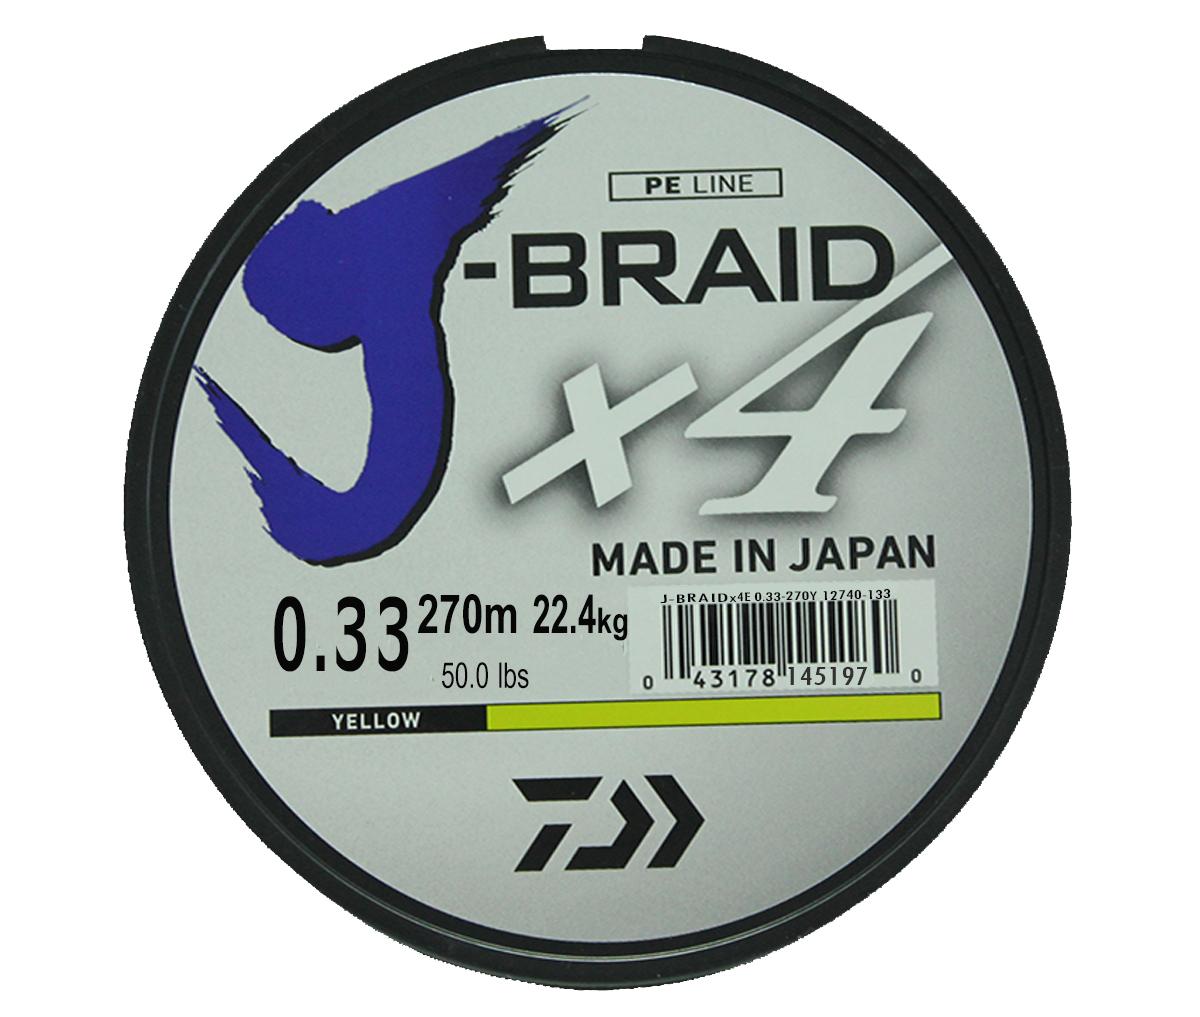 Леска плетеная DAIWA J-Braid X4 0,33мм 270 (флуор.-желтая)Леска плетеная<br>Новый 4х жильный шнур J-Braid, DAIWA - шнур высокого <br>класса с удивительным соотношением цены <br>и качества. Качество плетения полностью <br>соответствует японским стандартам и удовлетворяет <br>всем требованиям. Представленные диаметры <br>позволяют использовать шнур для всех техник <br>ловли, начиная от ultra- light ловли окуня, до <br>морской ловли палтуса, трески и т.д.<br>